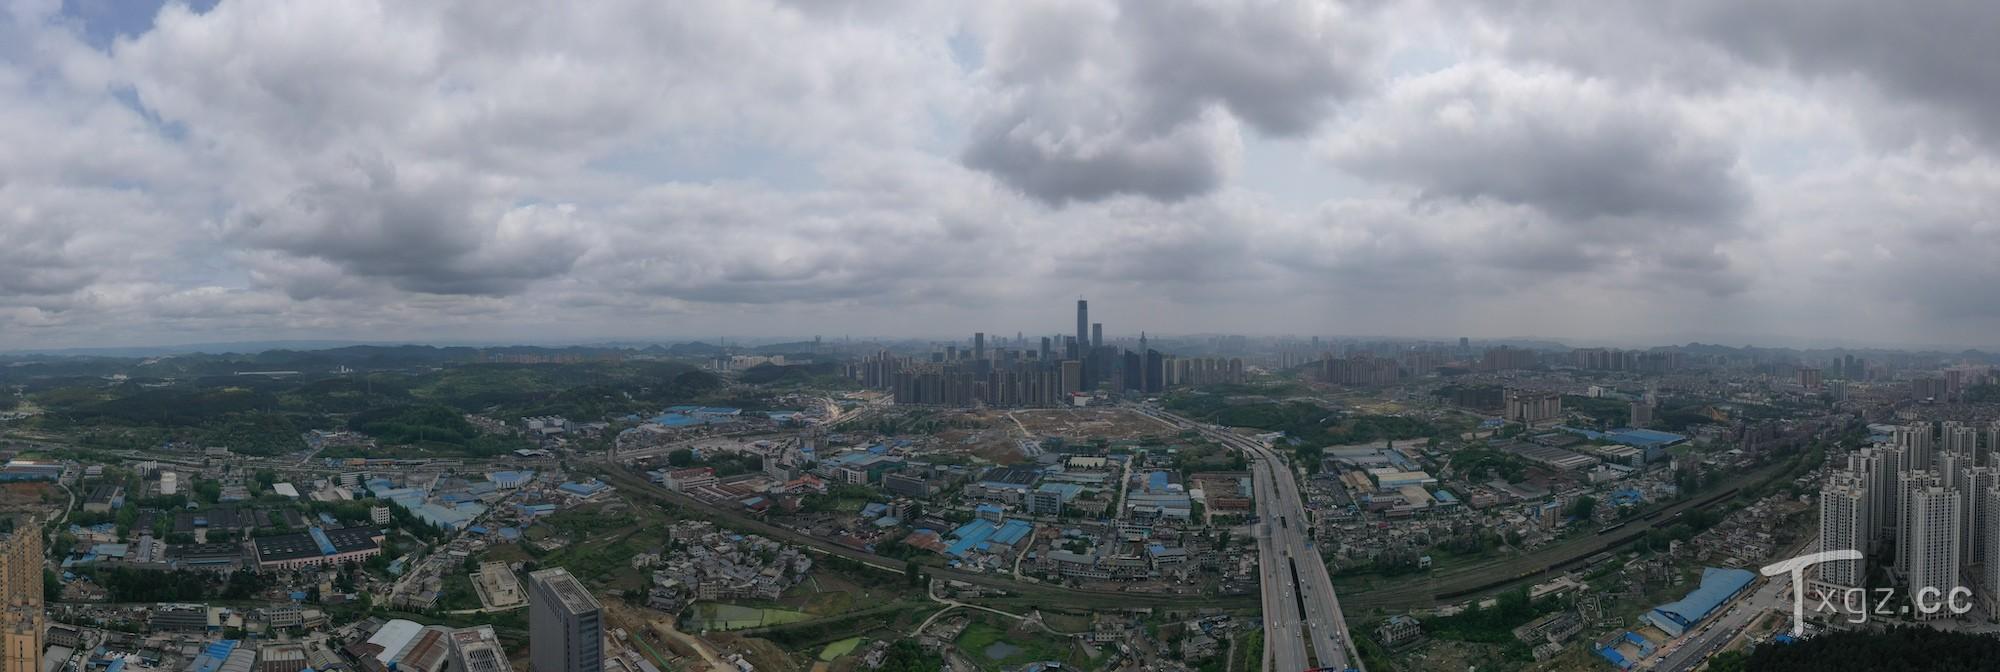 「航拍」白云区视角的金融城